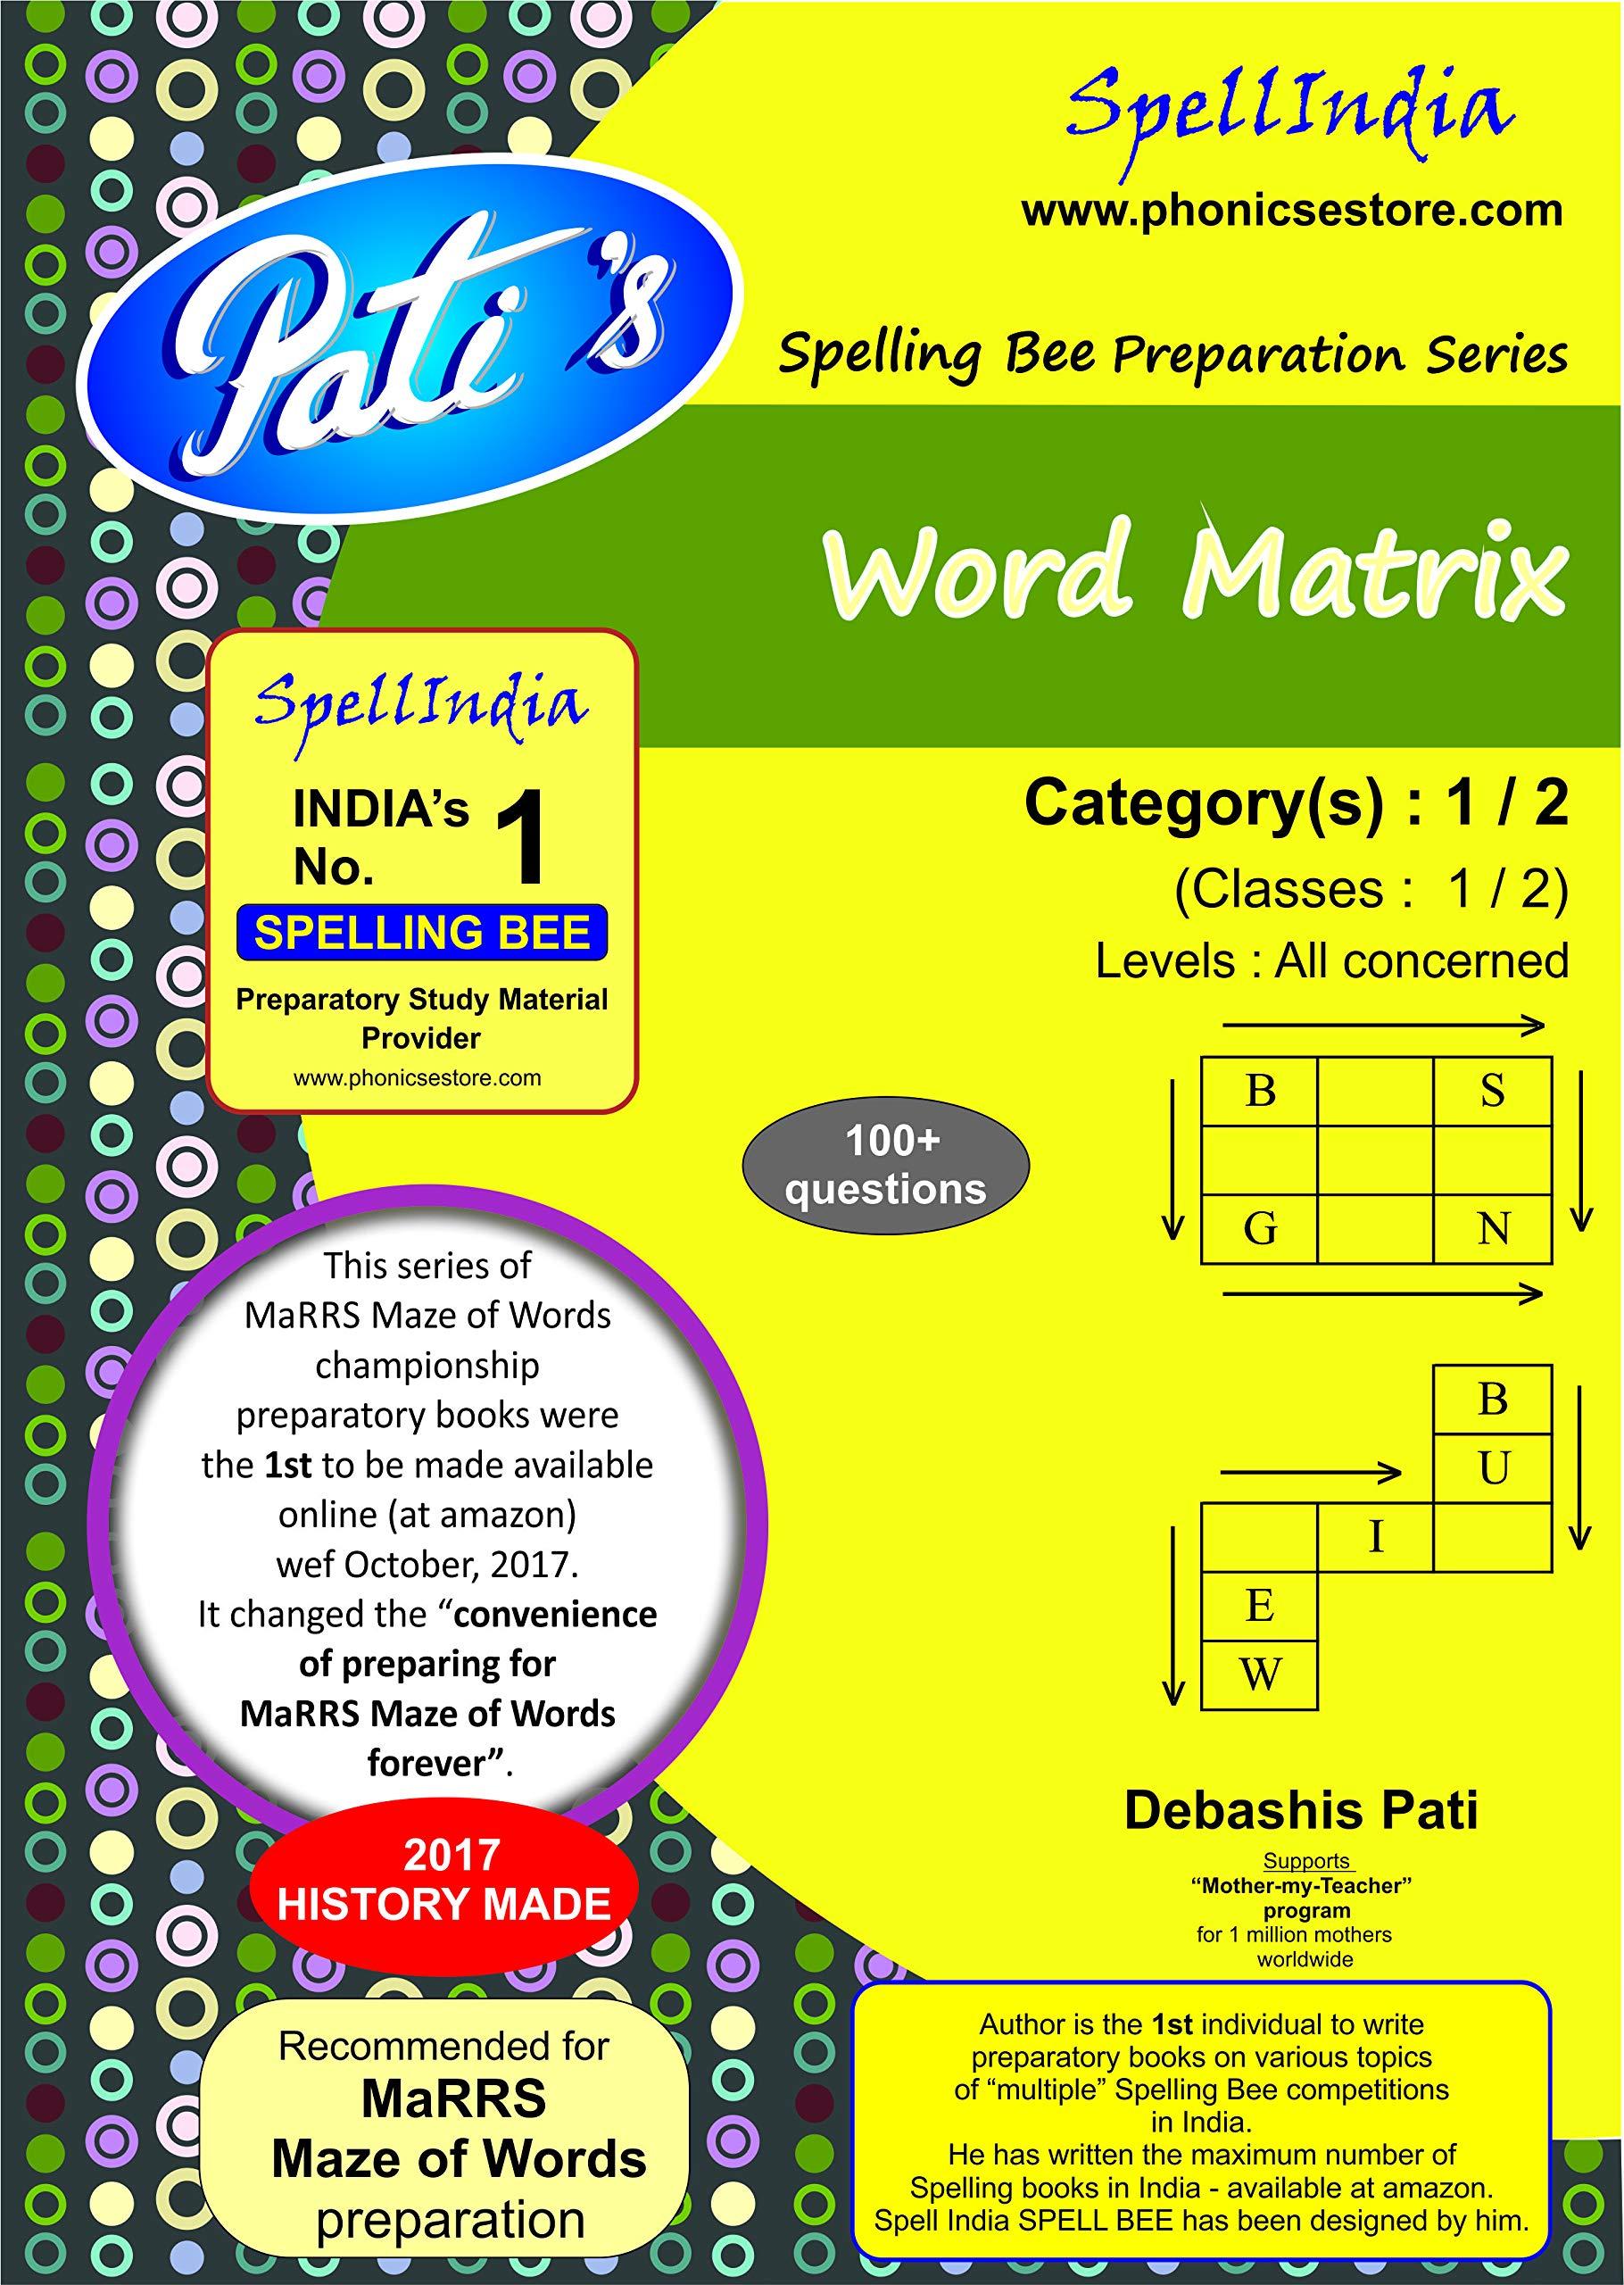 Buy Word Matrix - Categories : 1 / 2 - Classes 1 / 2